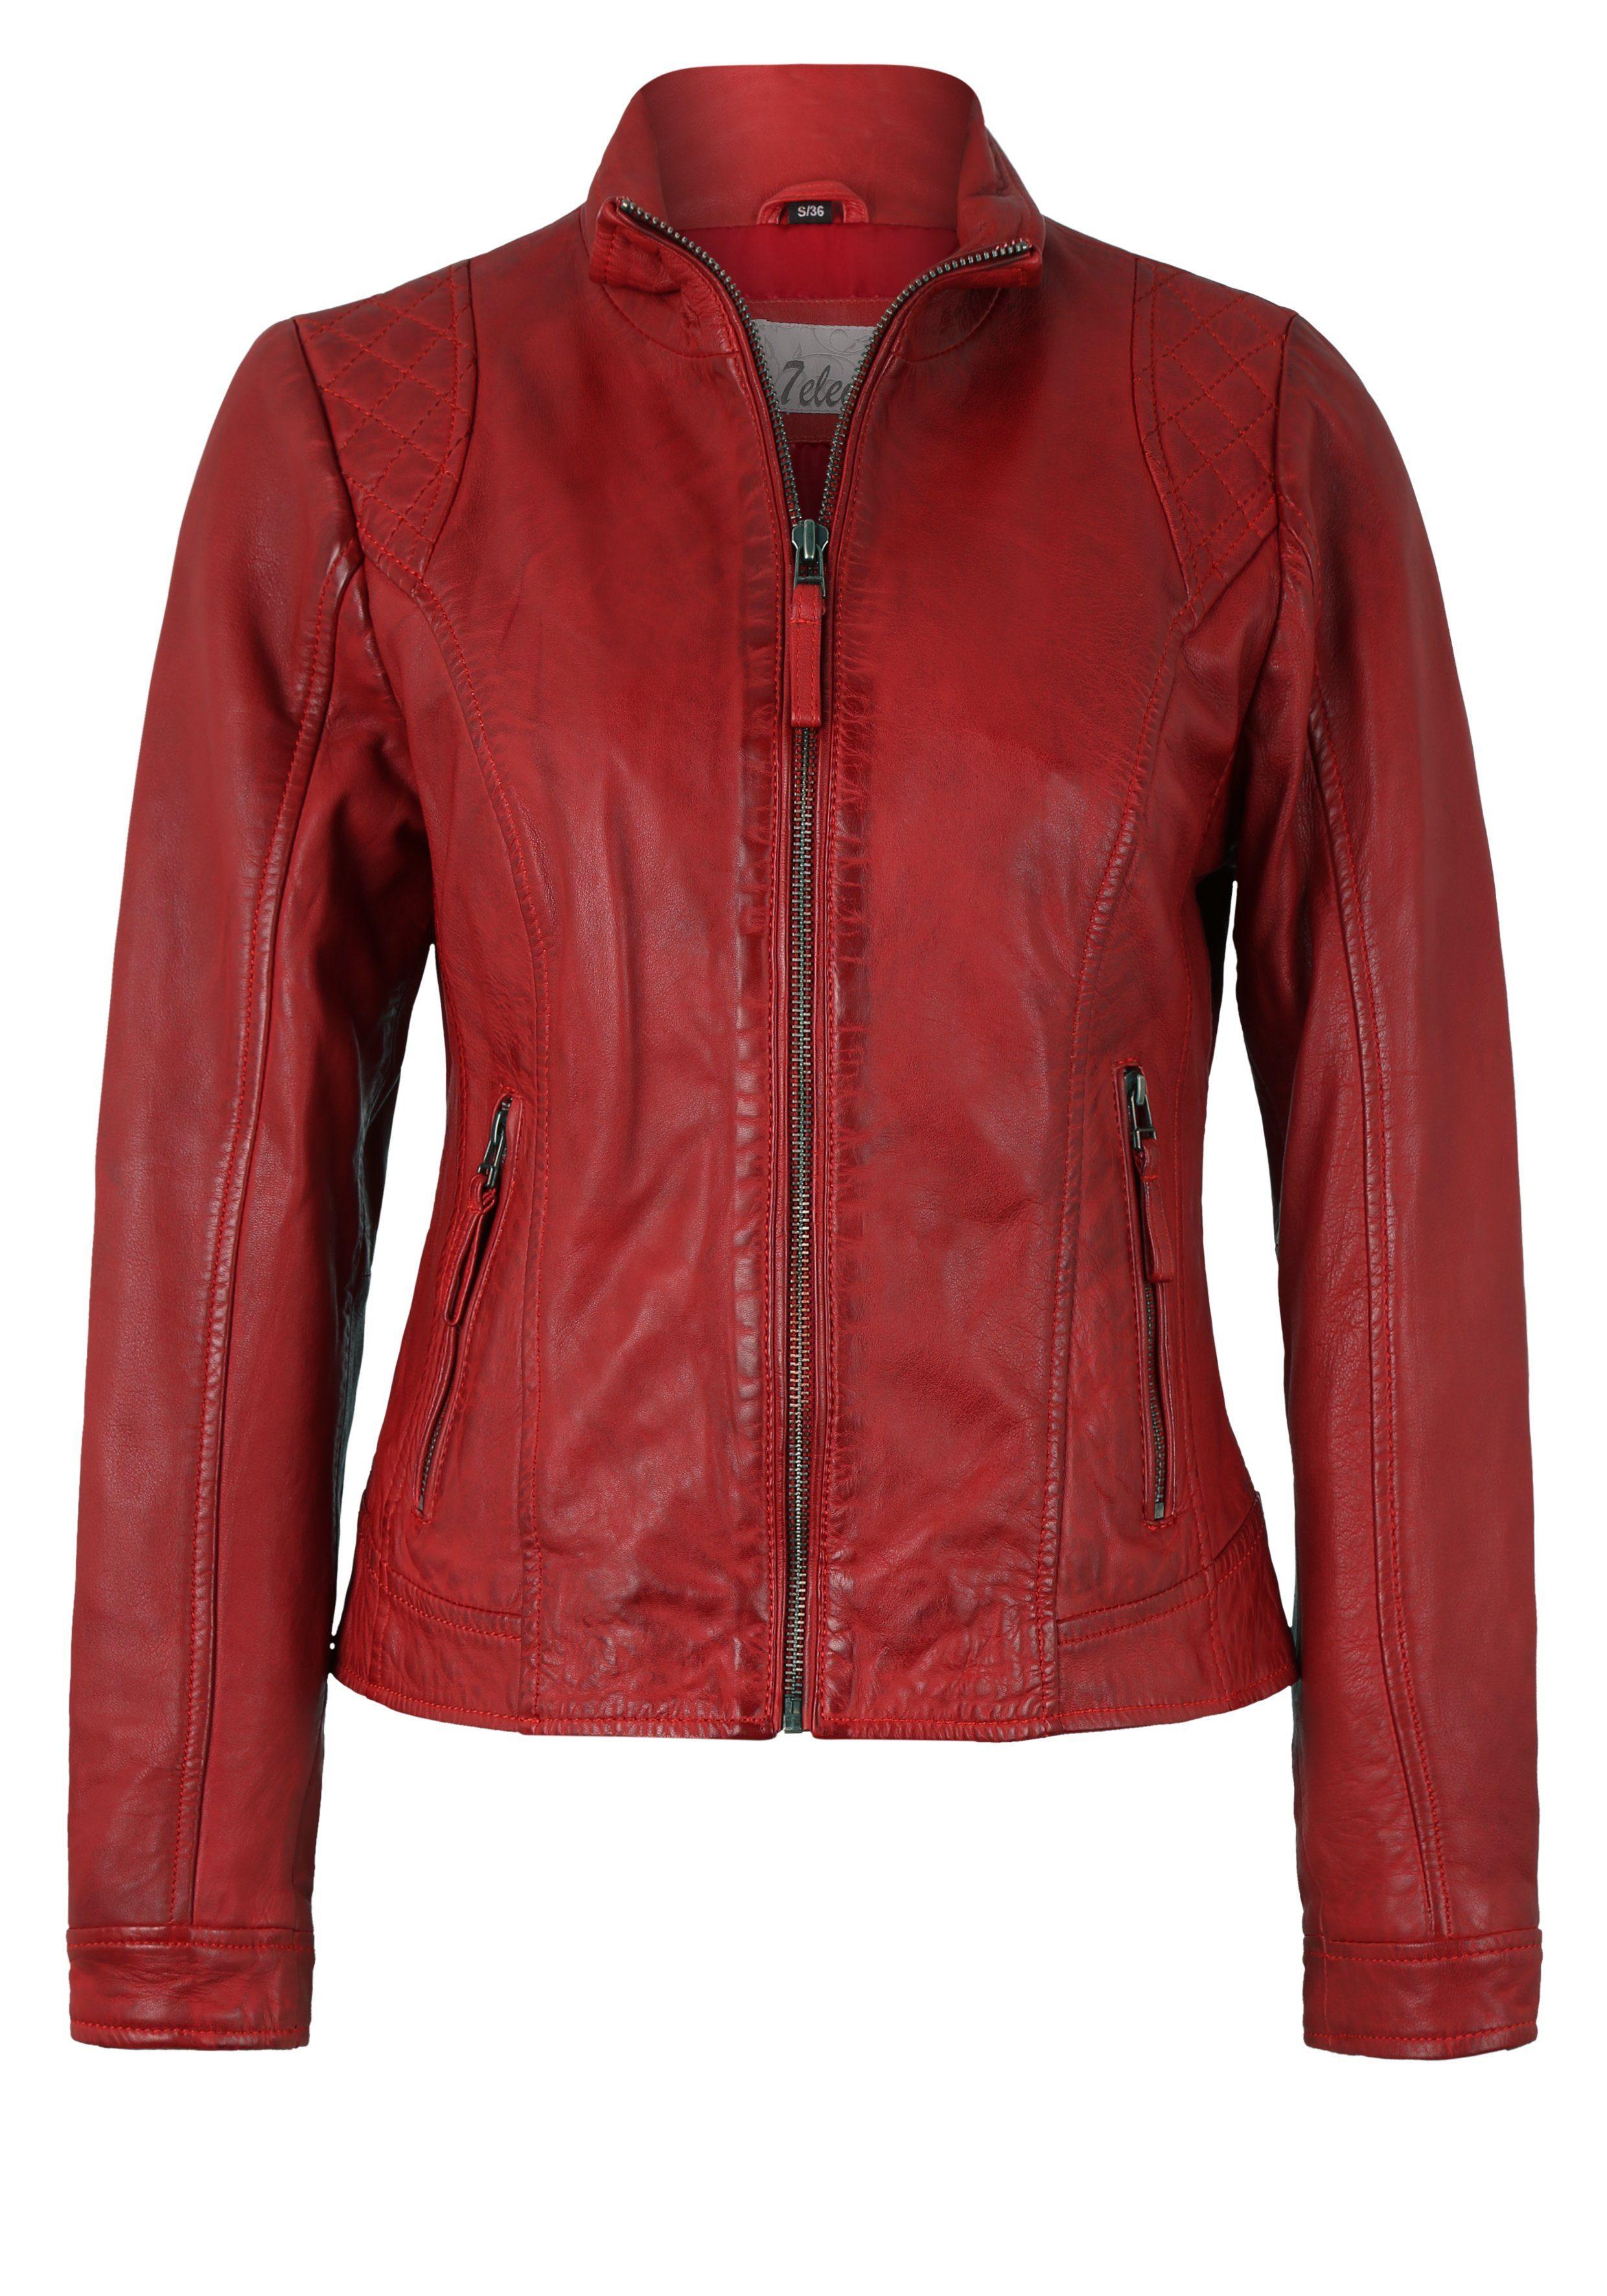 7eleven Lederjacke im klassischen Design, Material aus echtem Leder steht für Qualität